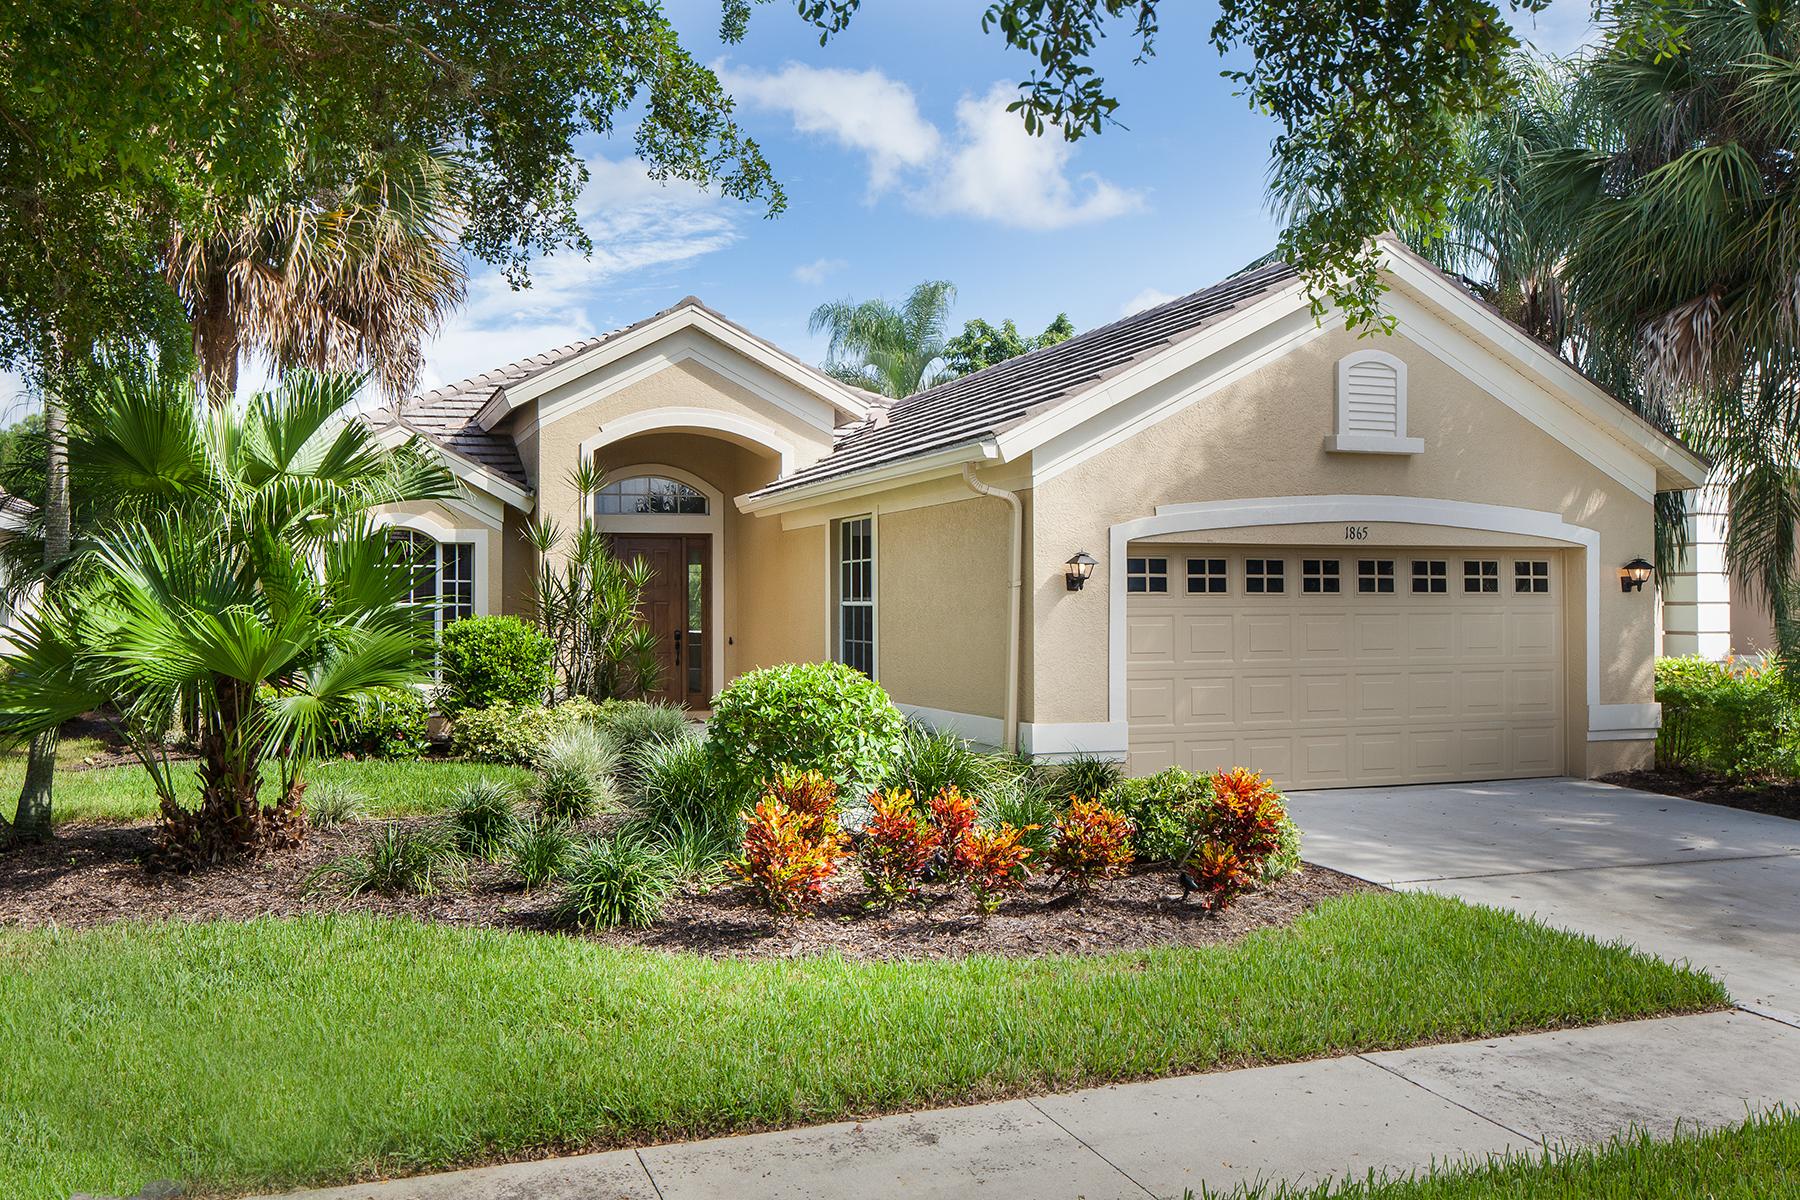 Maison unifamiliale pour l Vente à STONEBRIDGE - THORNBROOKE 1865 Pondside Ln Naples, Florida 34109 États-Unis